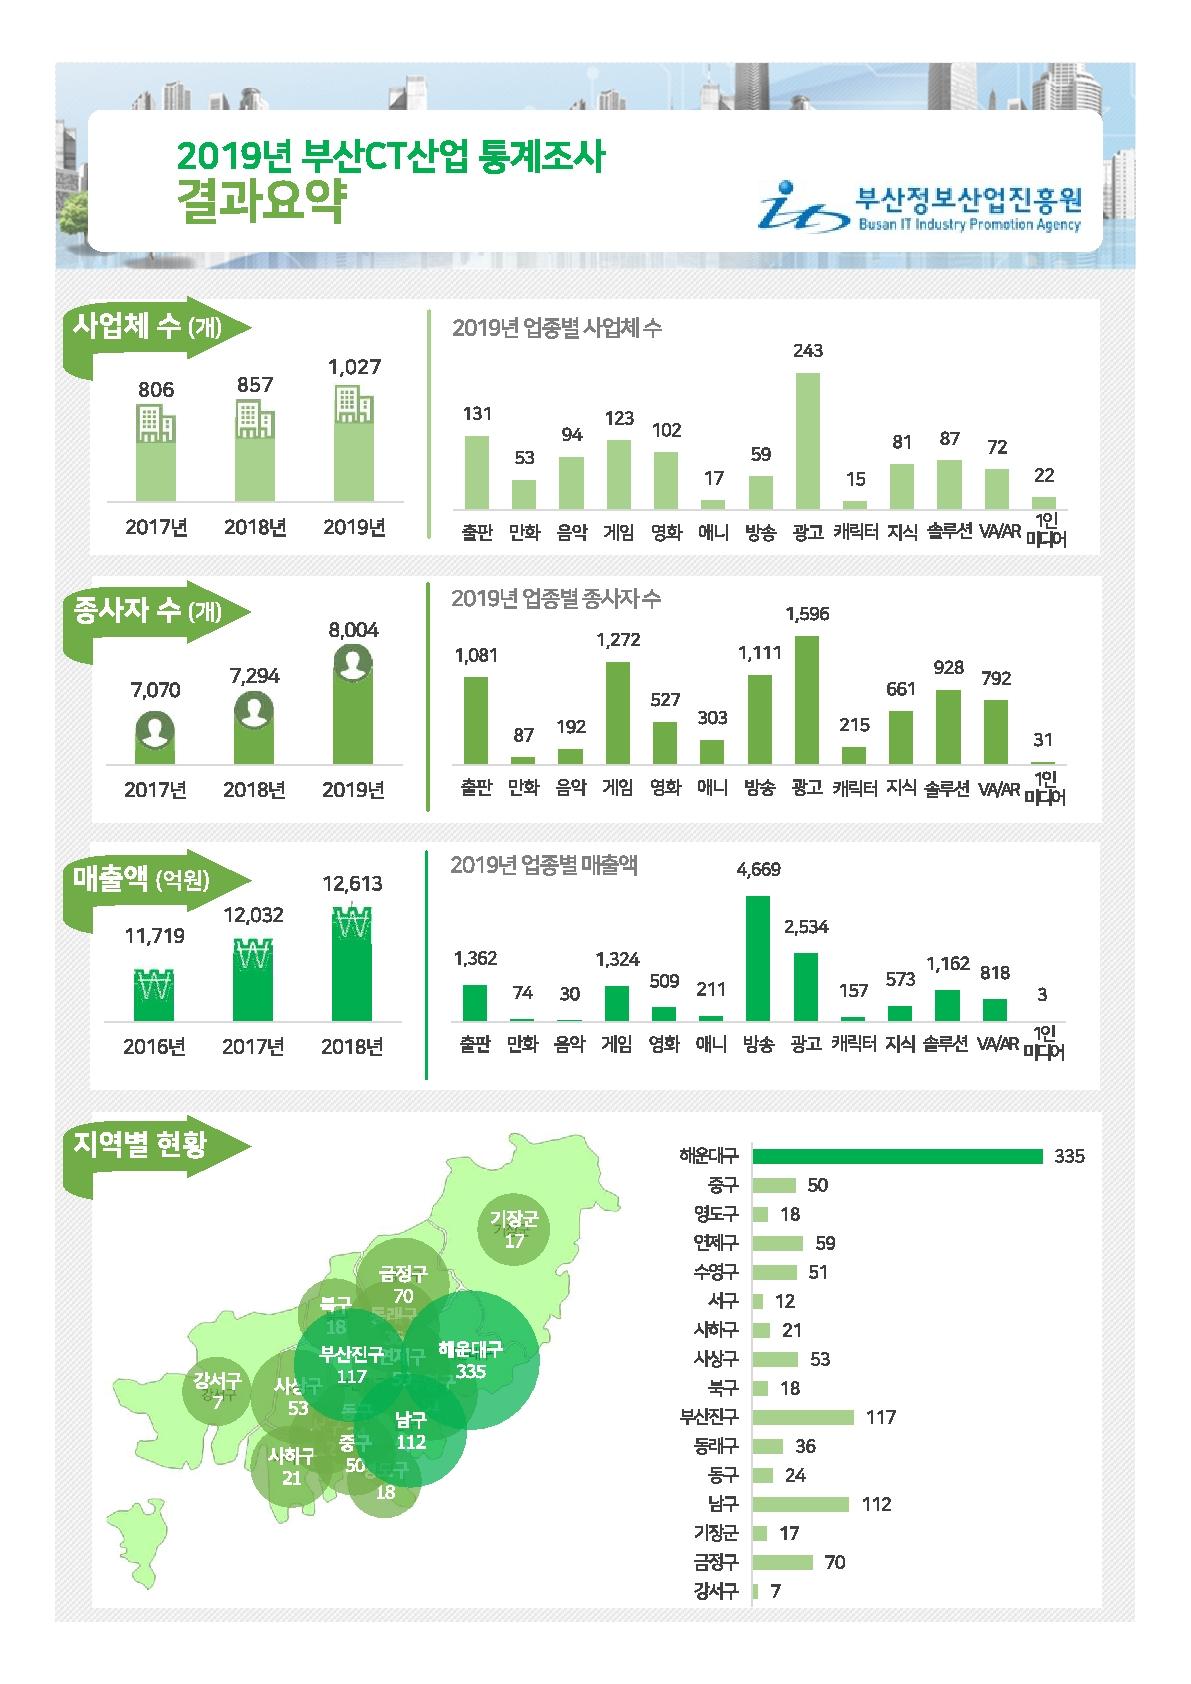 2019년 부산 CT산업 통계조사 보고서